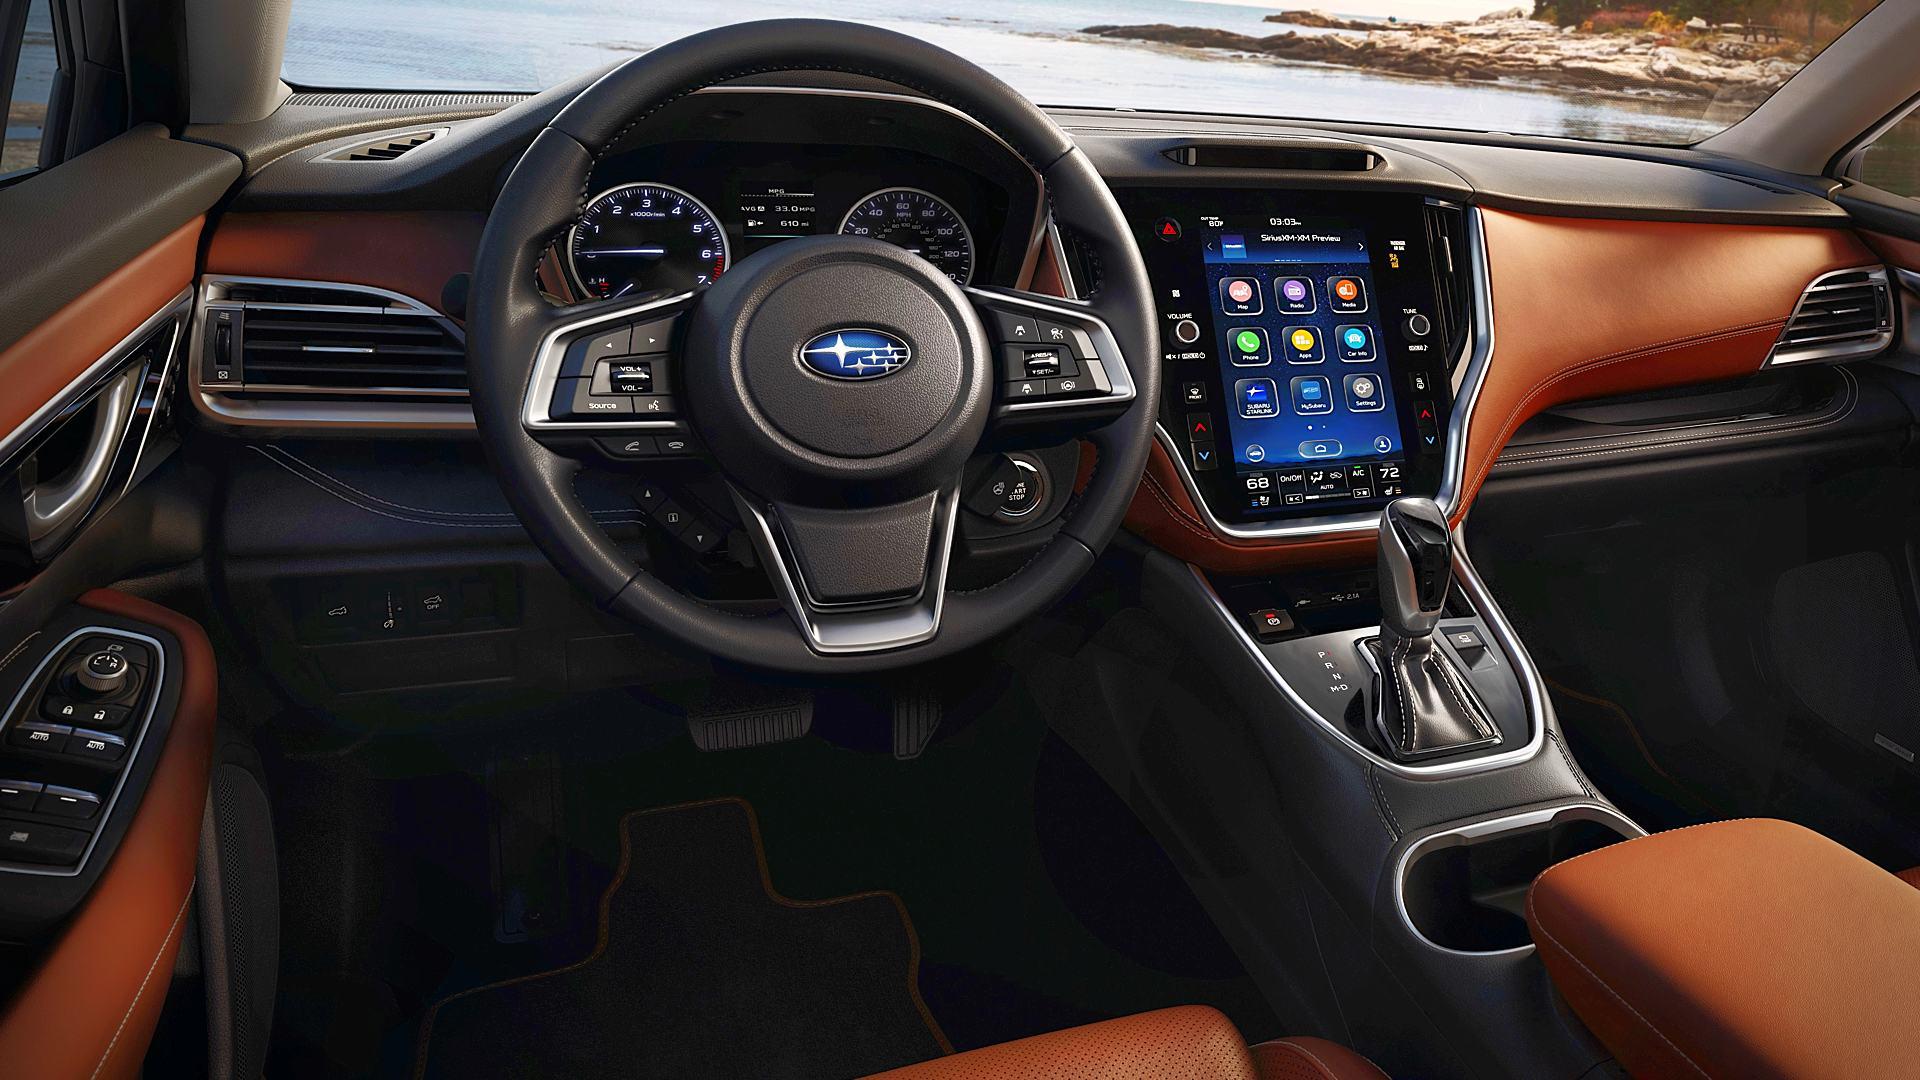 2020 Subaru Outback Interior Inside